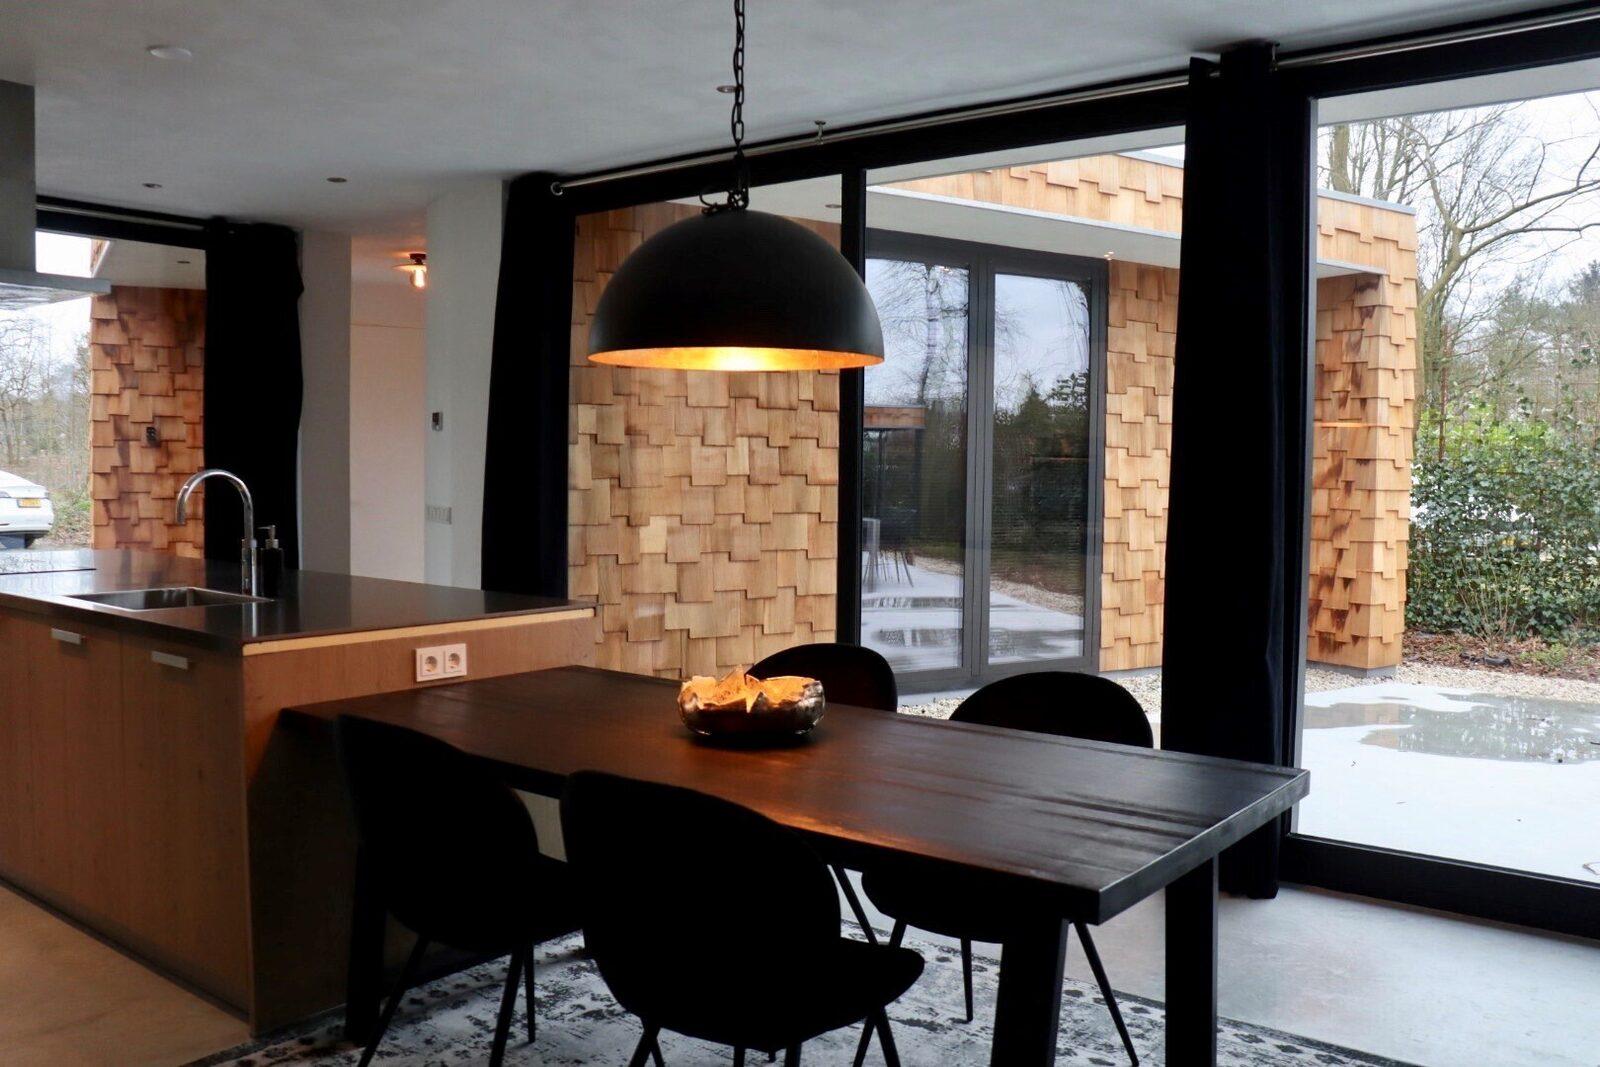 NIEUW: Houten Boshuis - luxe wellness vakantiehuis met hottub